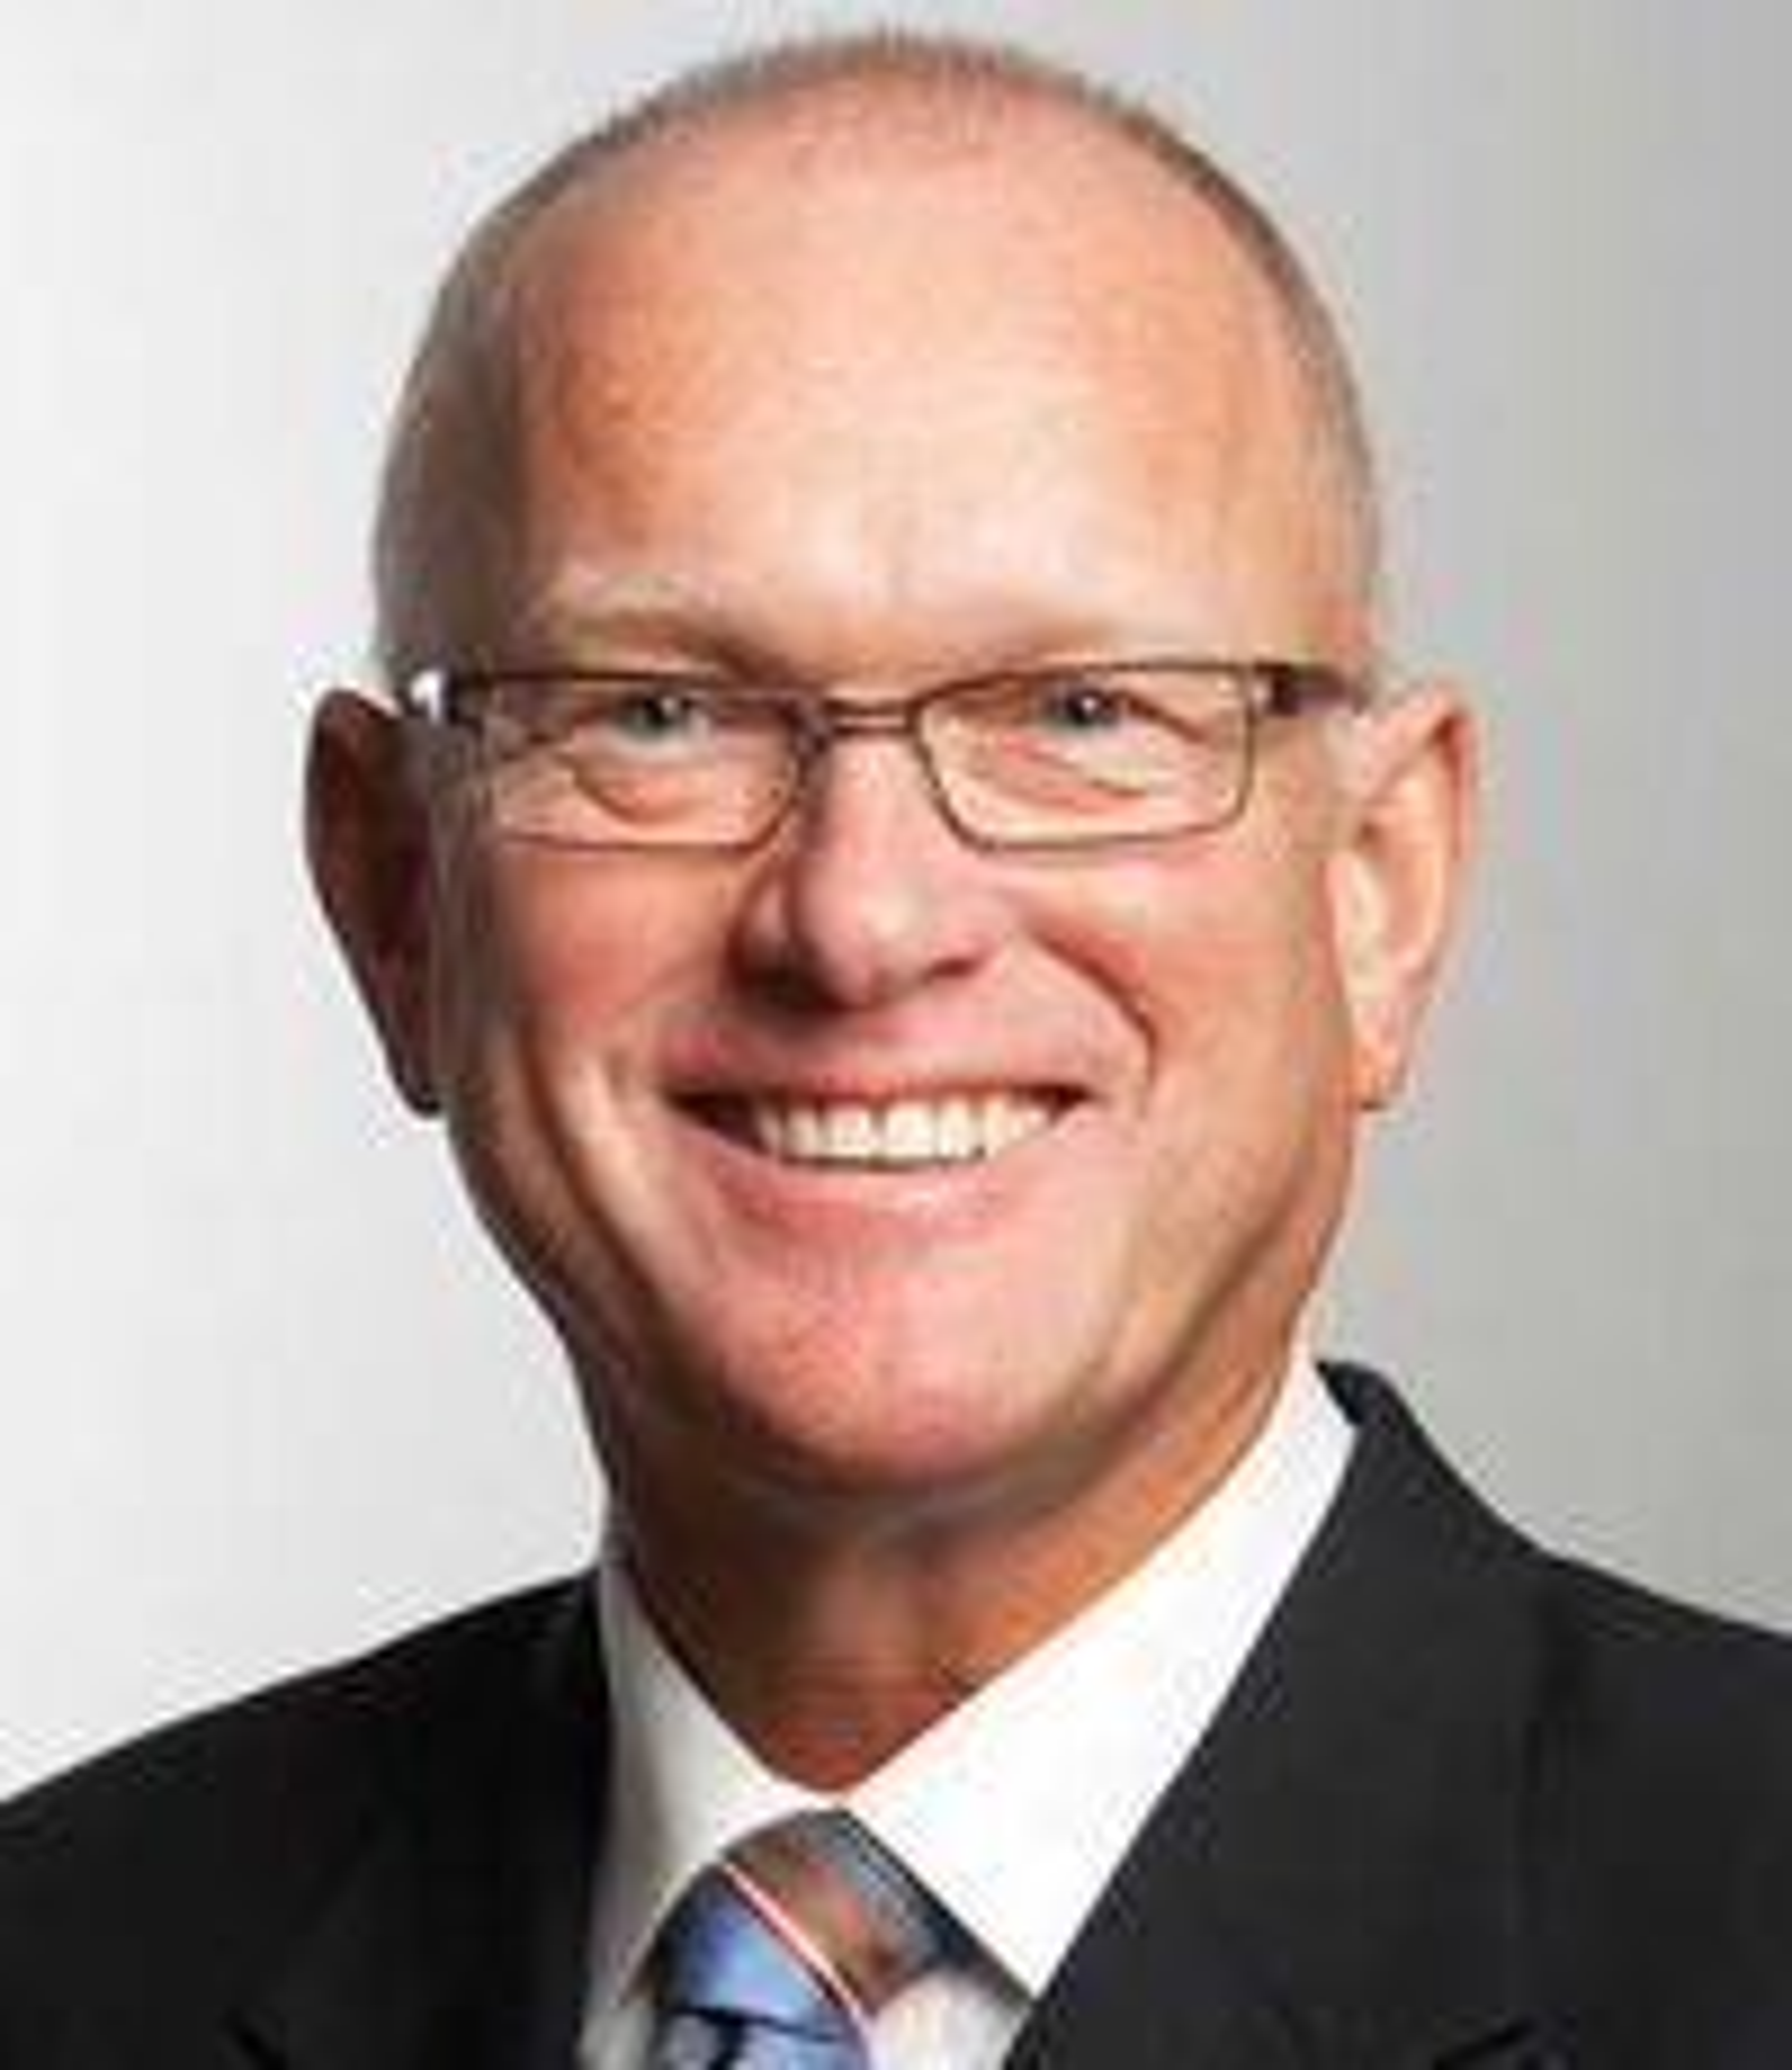 Vil ha slutt på åpne skattesøk: skattedirektør Svein Kristensen.